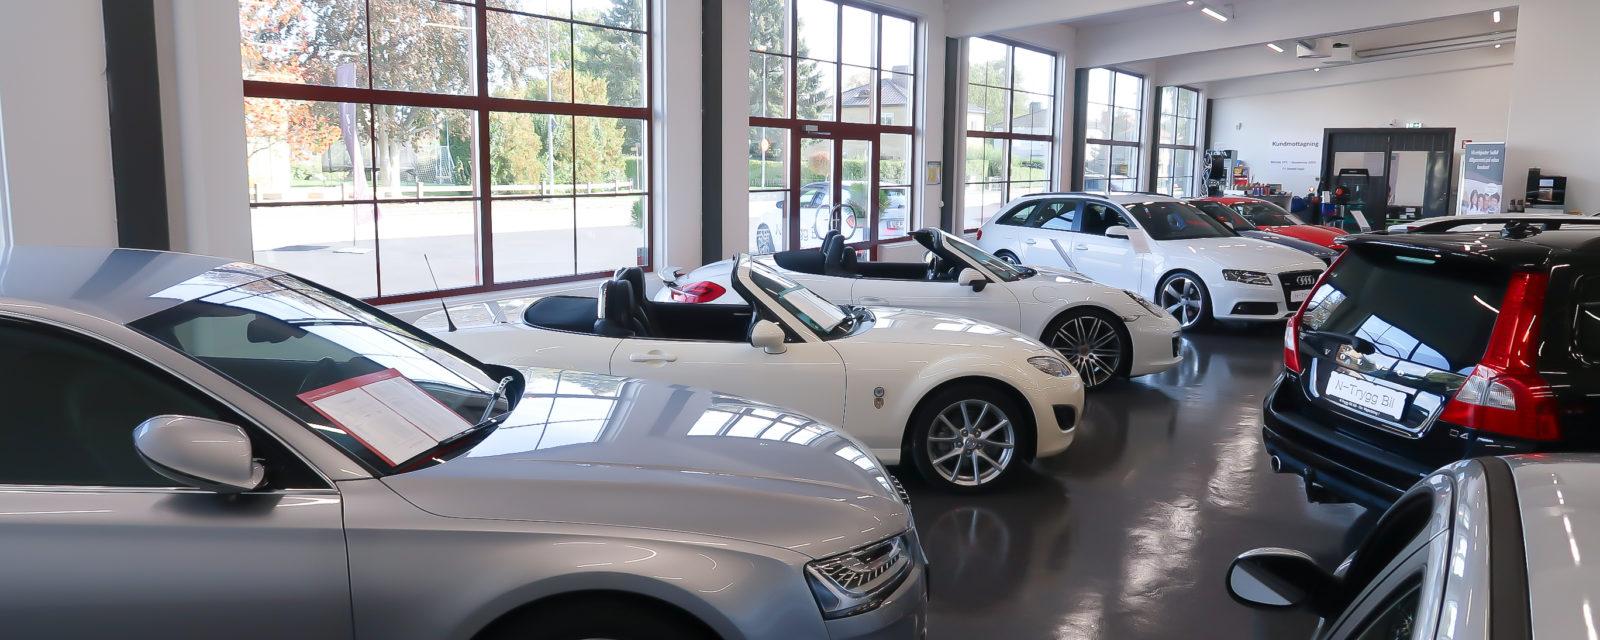 Bilförsäljning Showroom